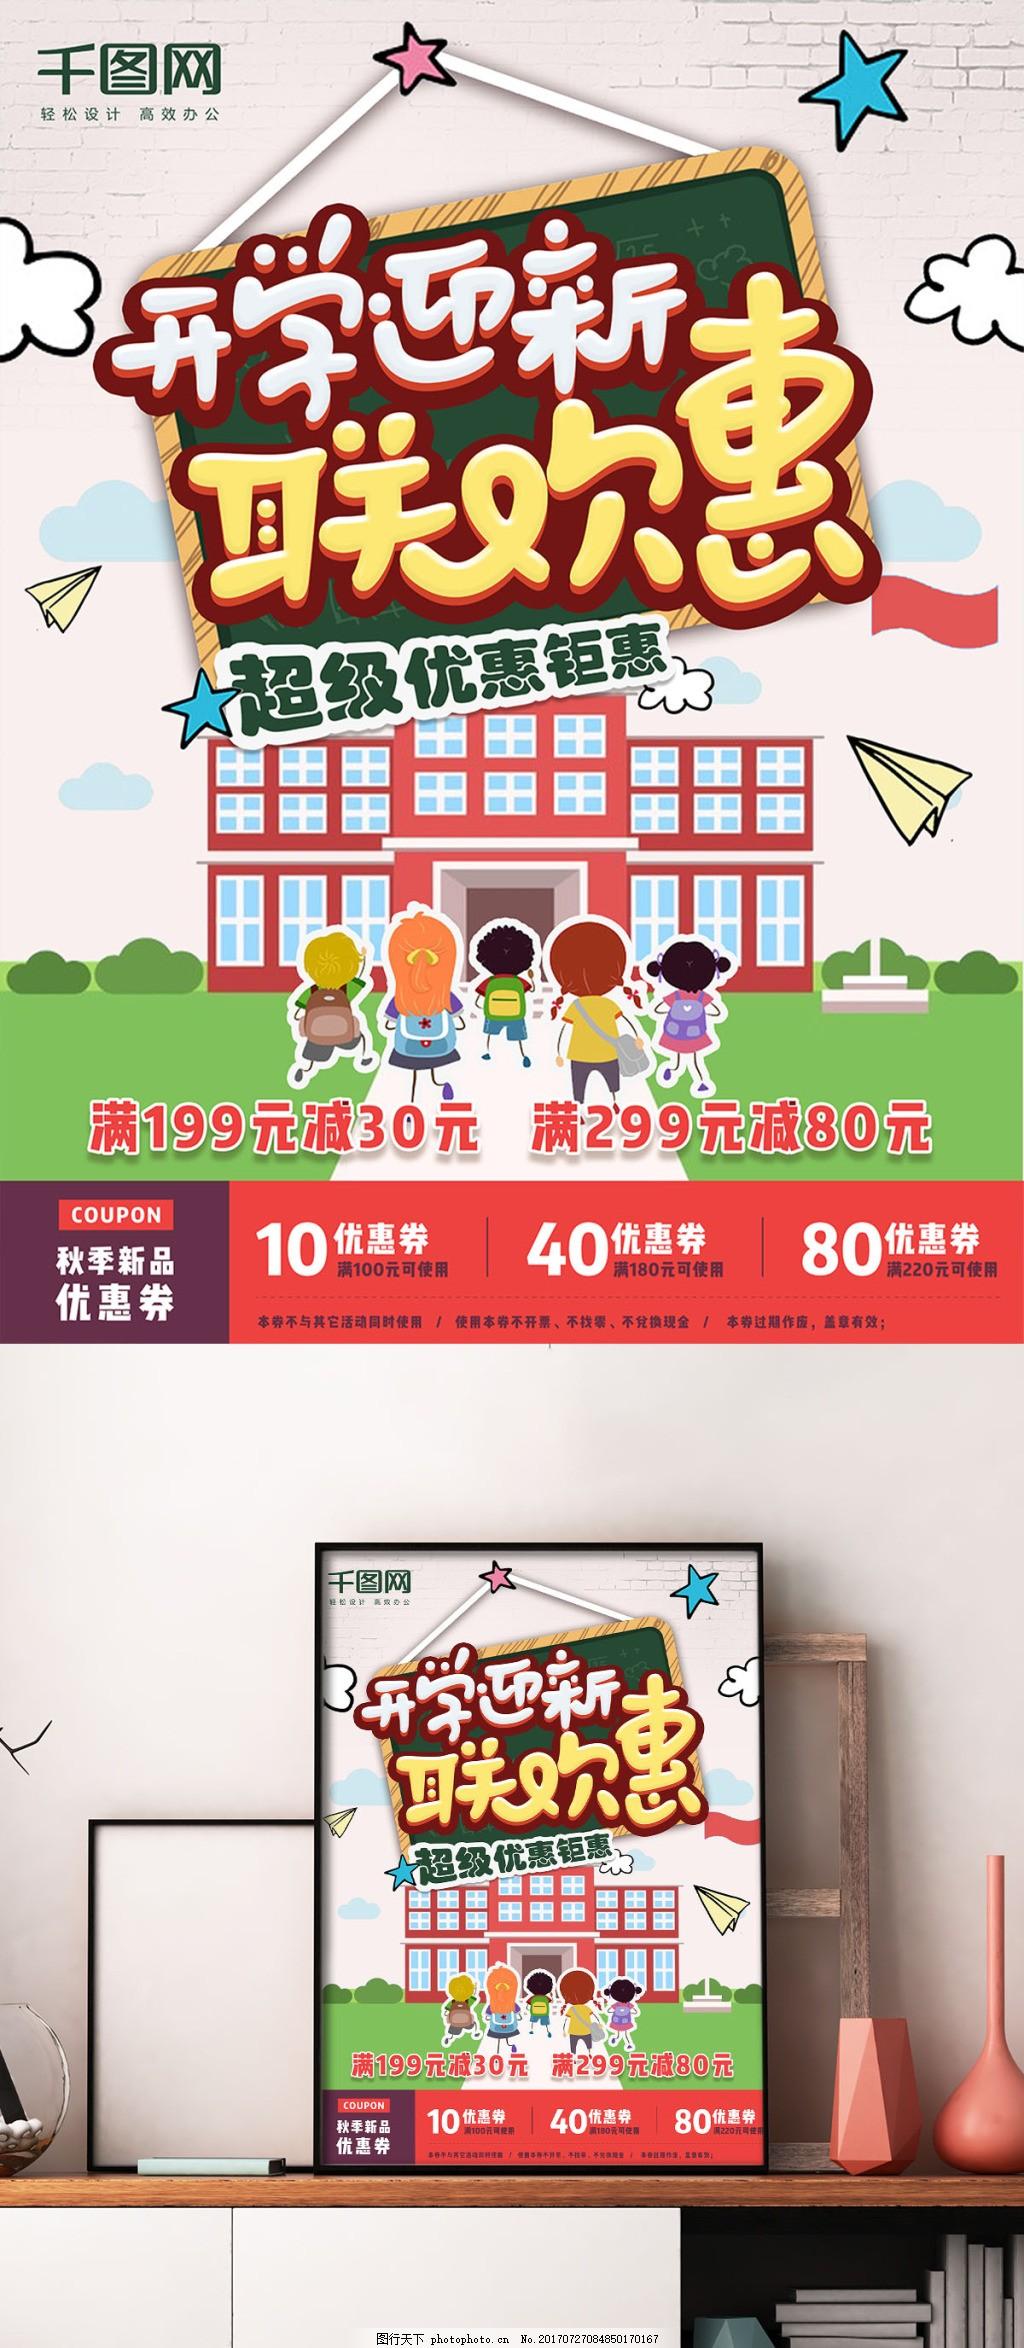 开学迎新联欢惠促销海报设计 开学季 开学促销 上学 同学 打折